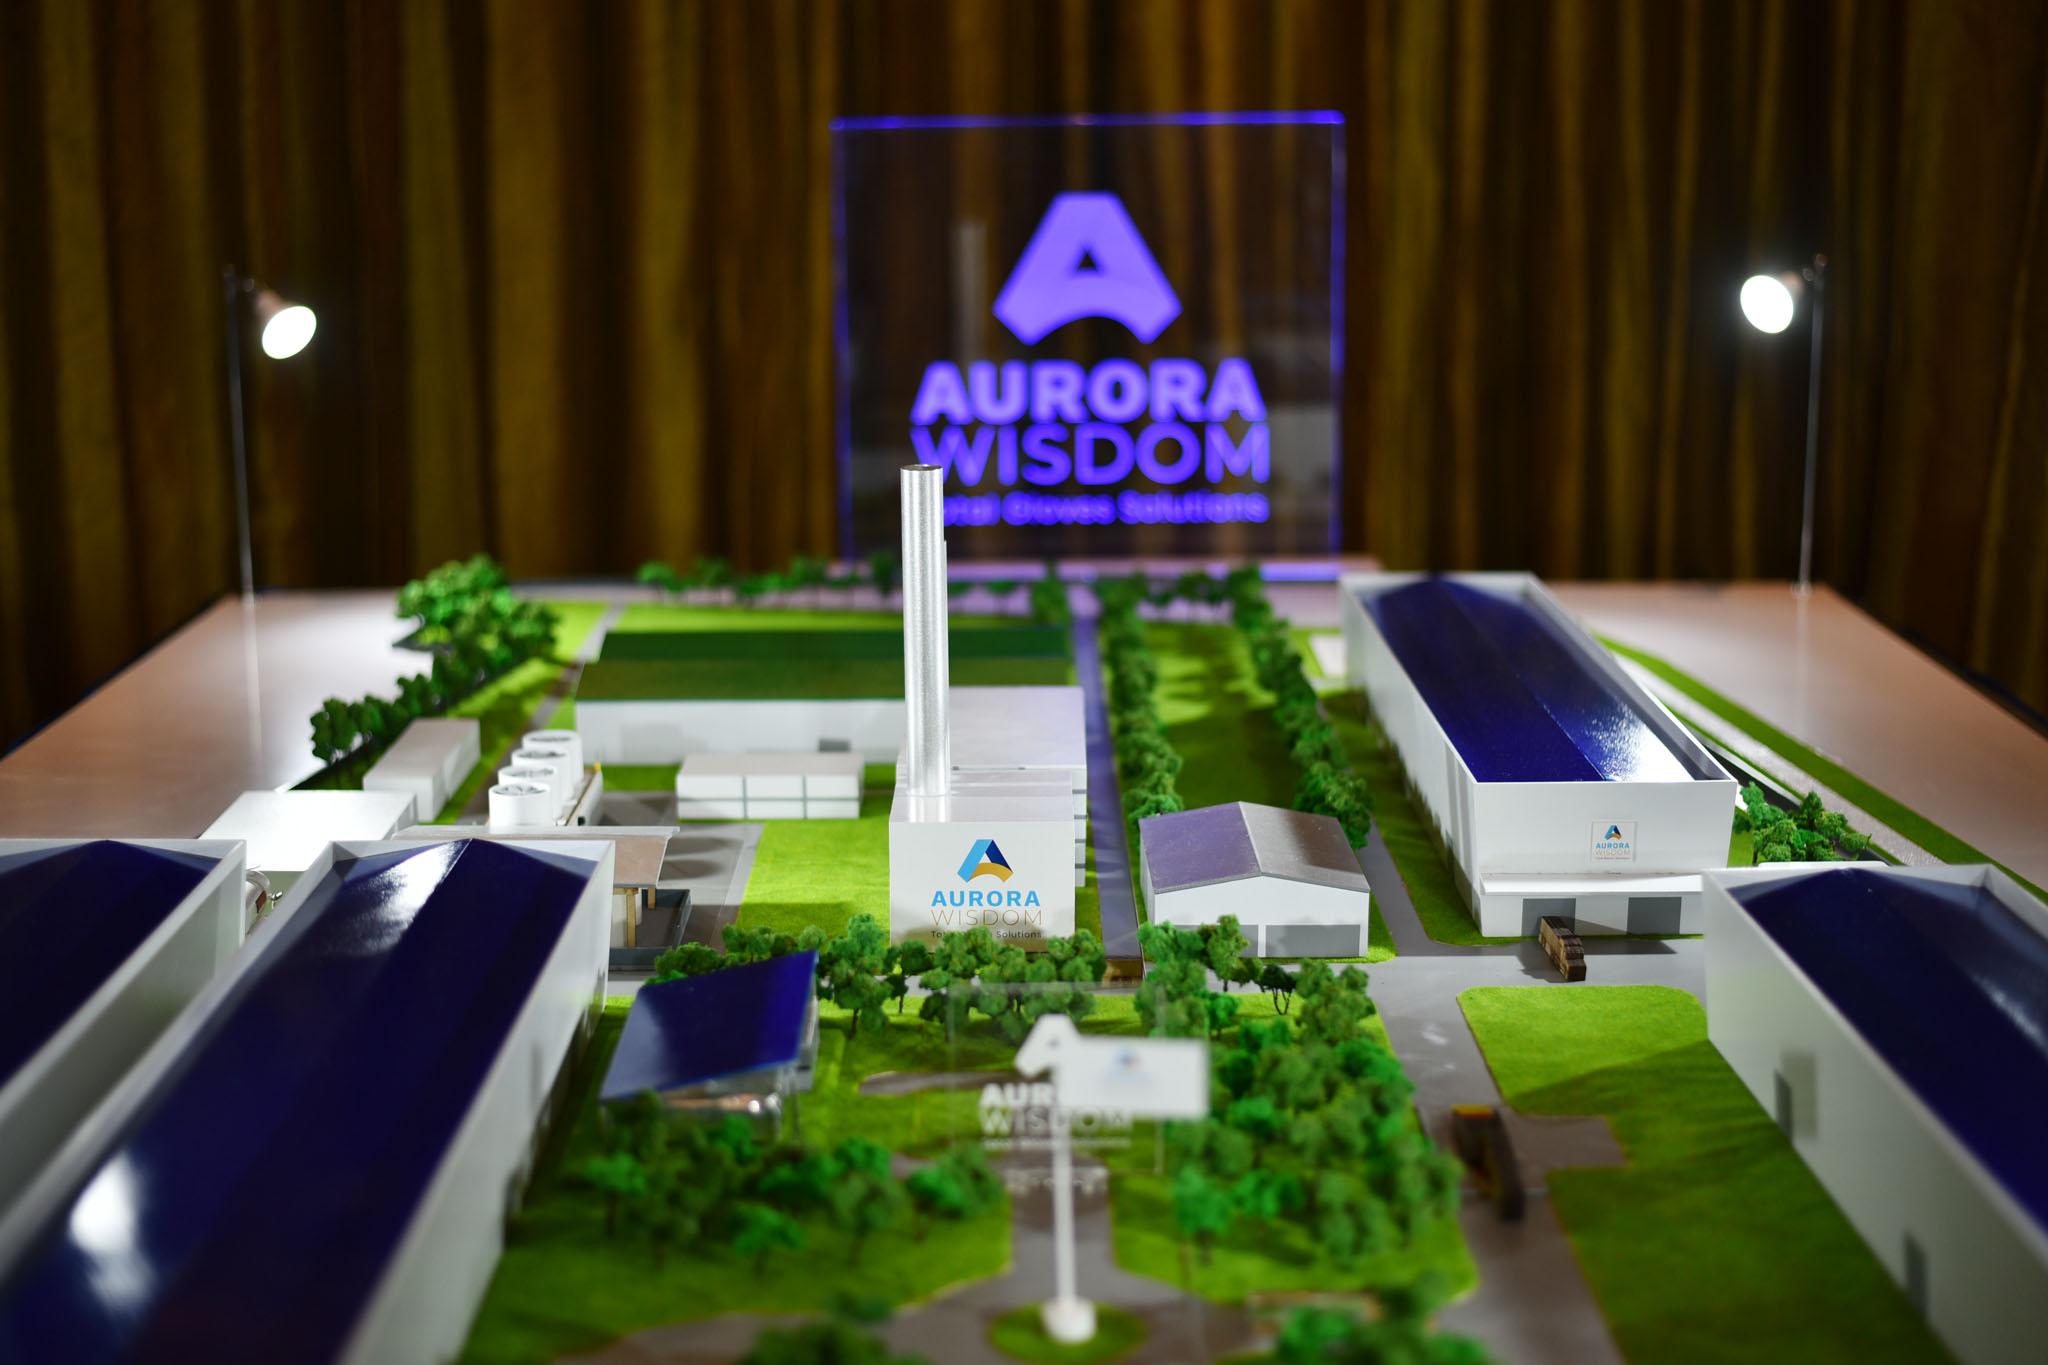 """""""ออโรร่า วิสดอม"""" ทุ่ม 3,000 ล้านบาท ผุดโรงงานผลิตถุงมือยางในไทย"""